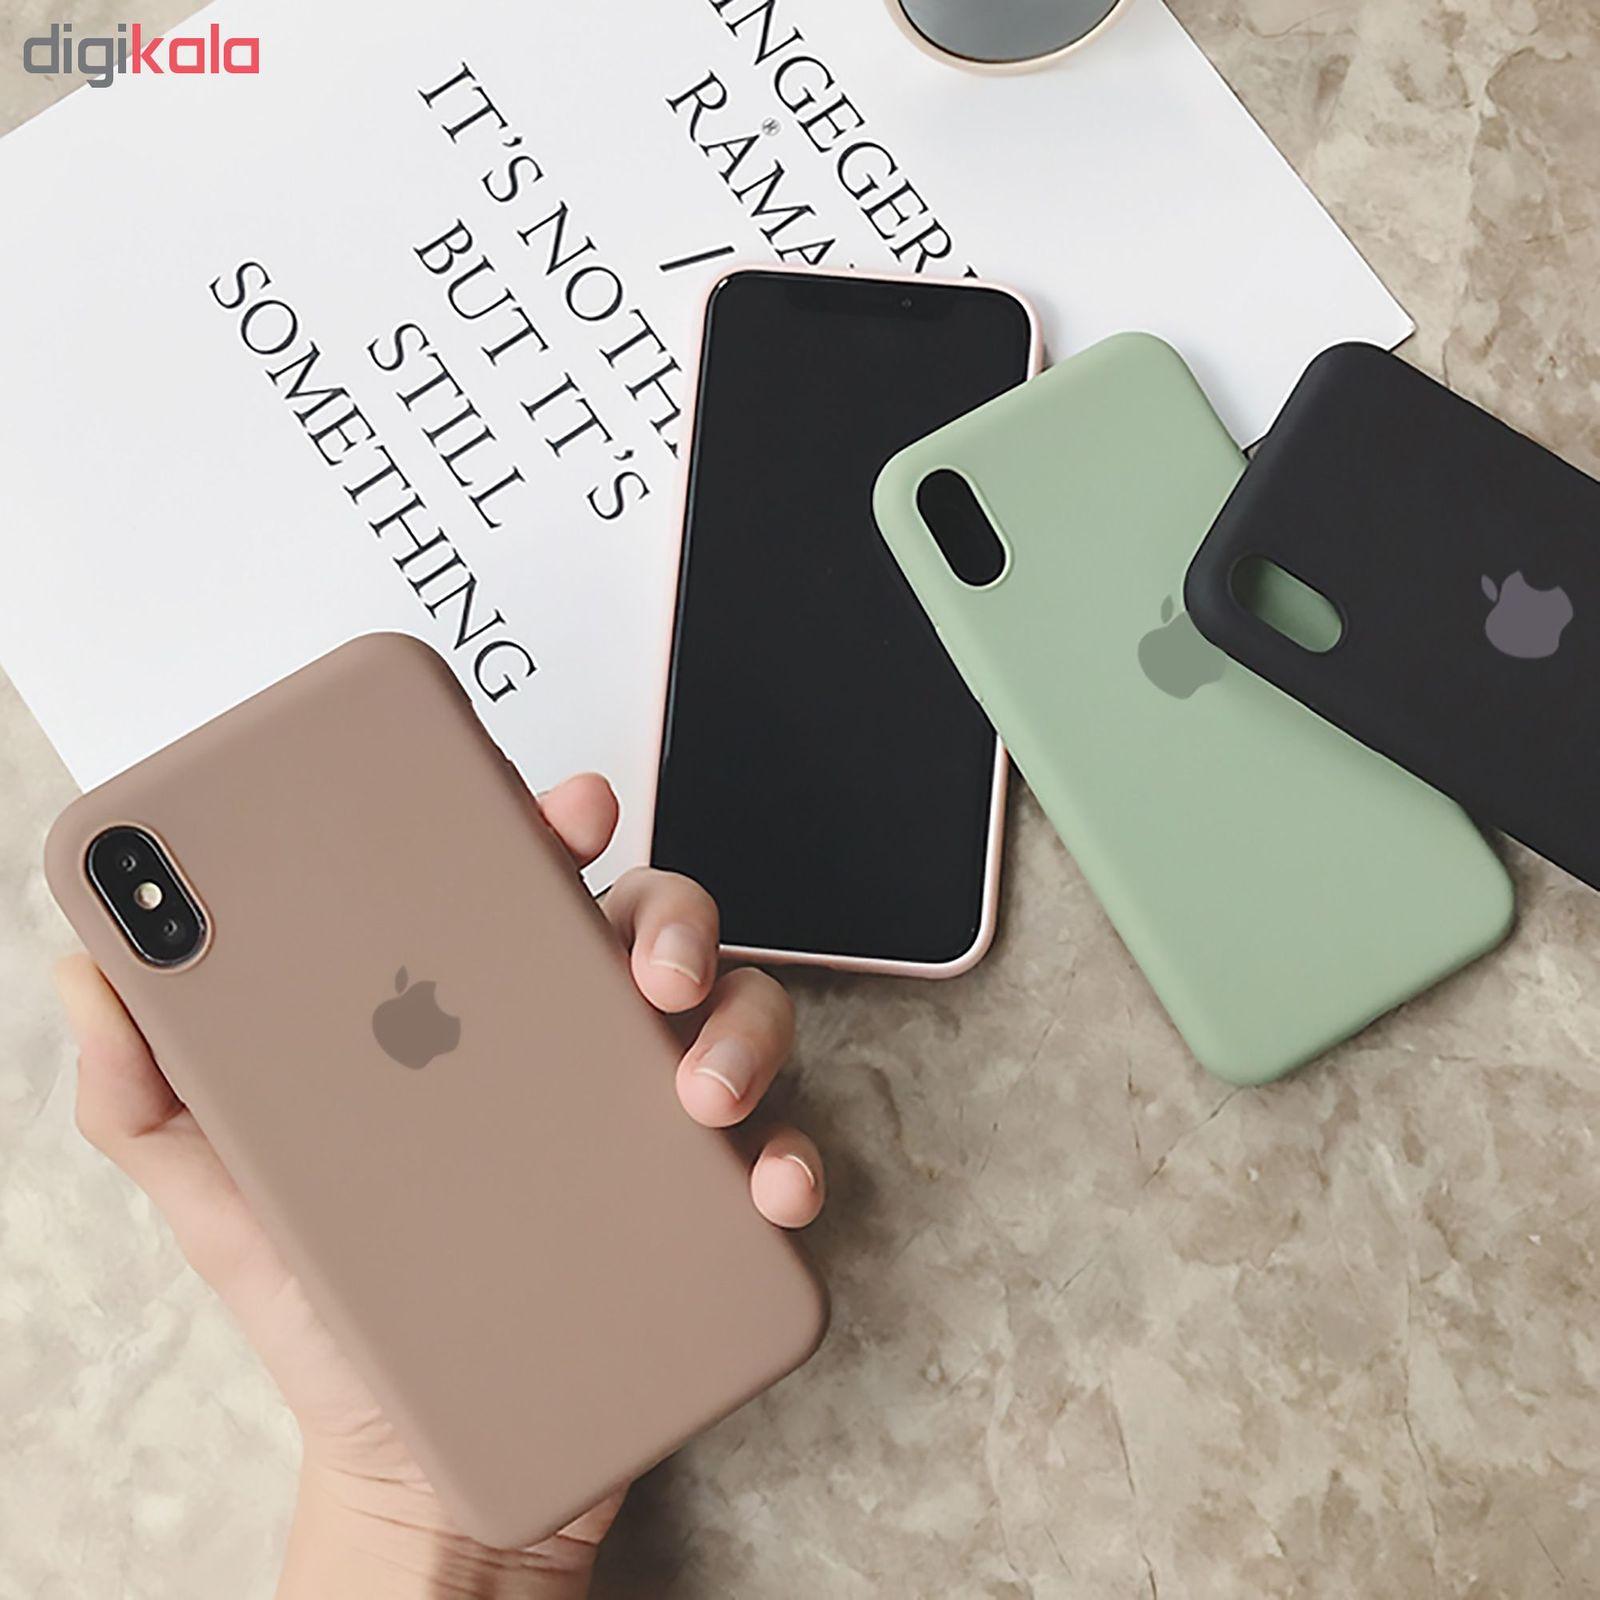 کاور  مدل Silc مناسب برای گوشی موبایل اپل Iphone Xs max main 1 28